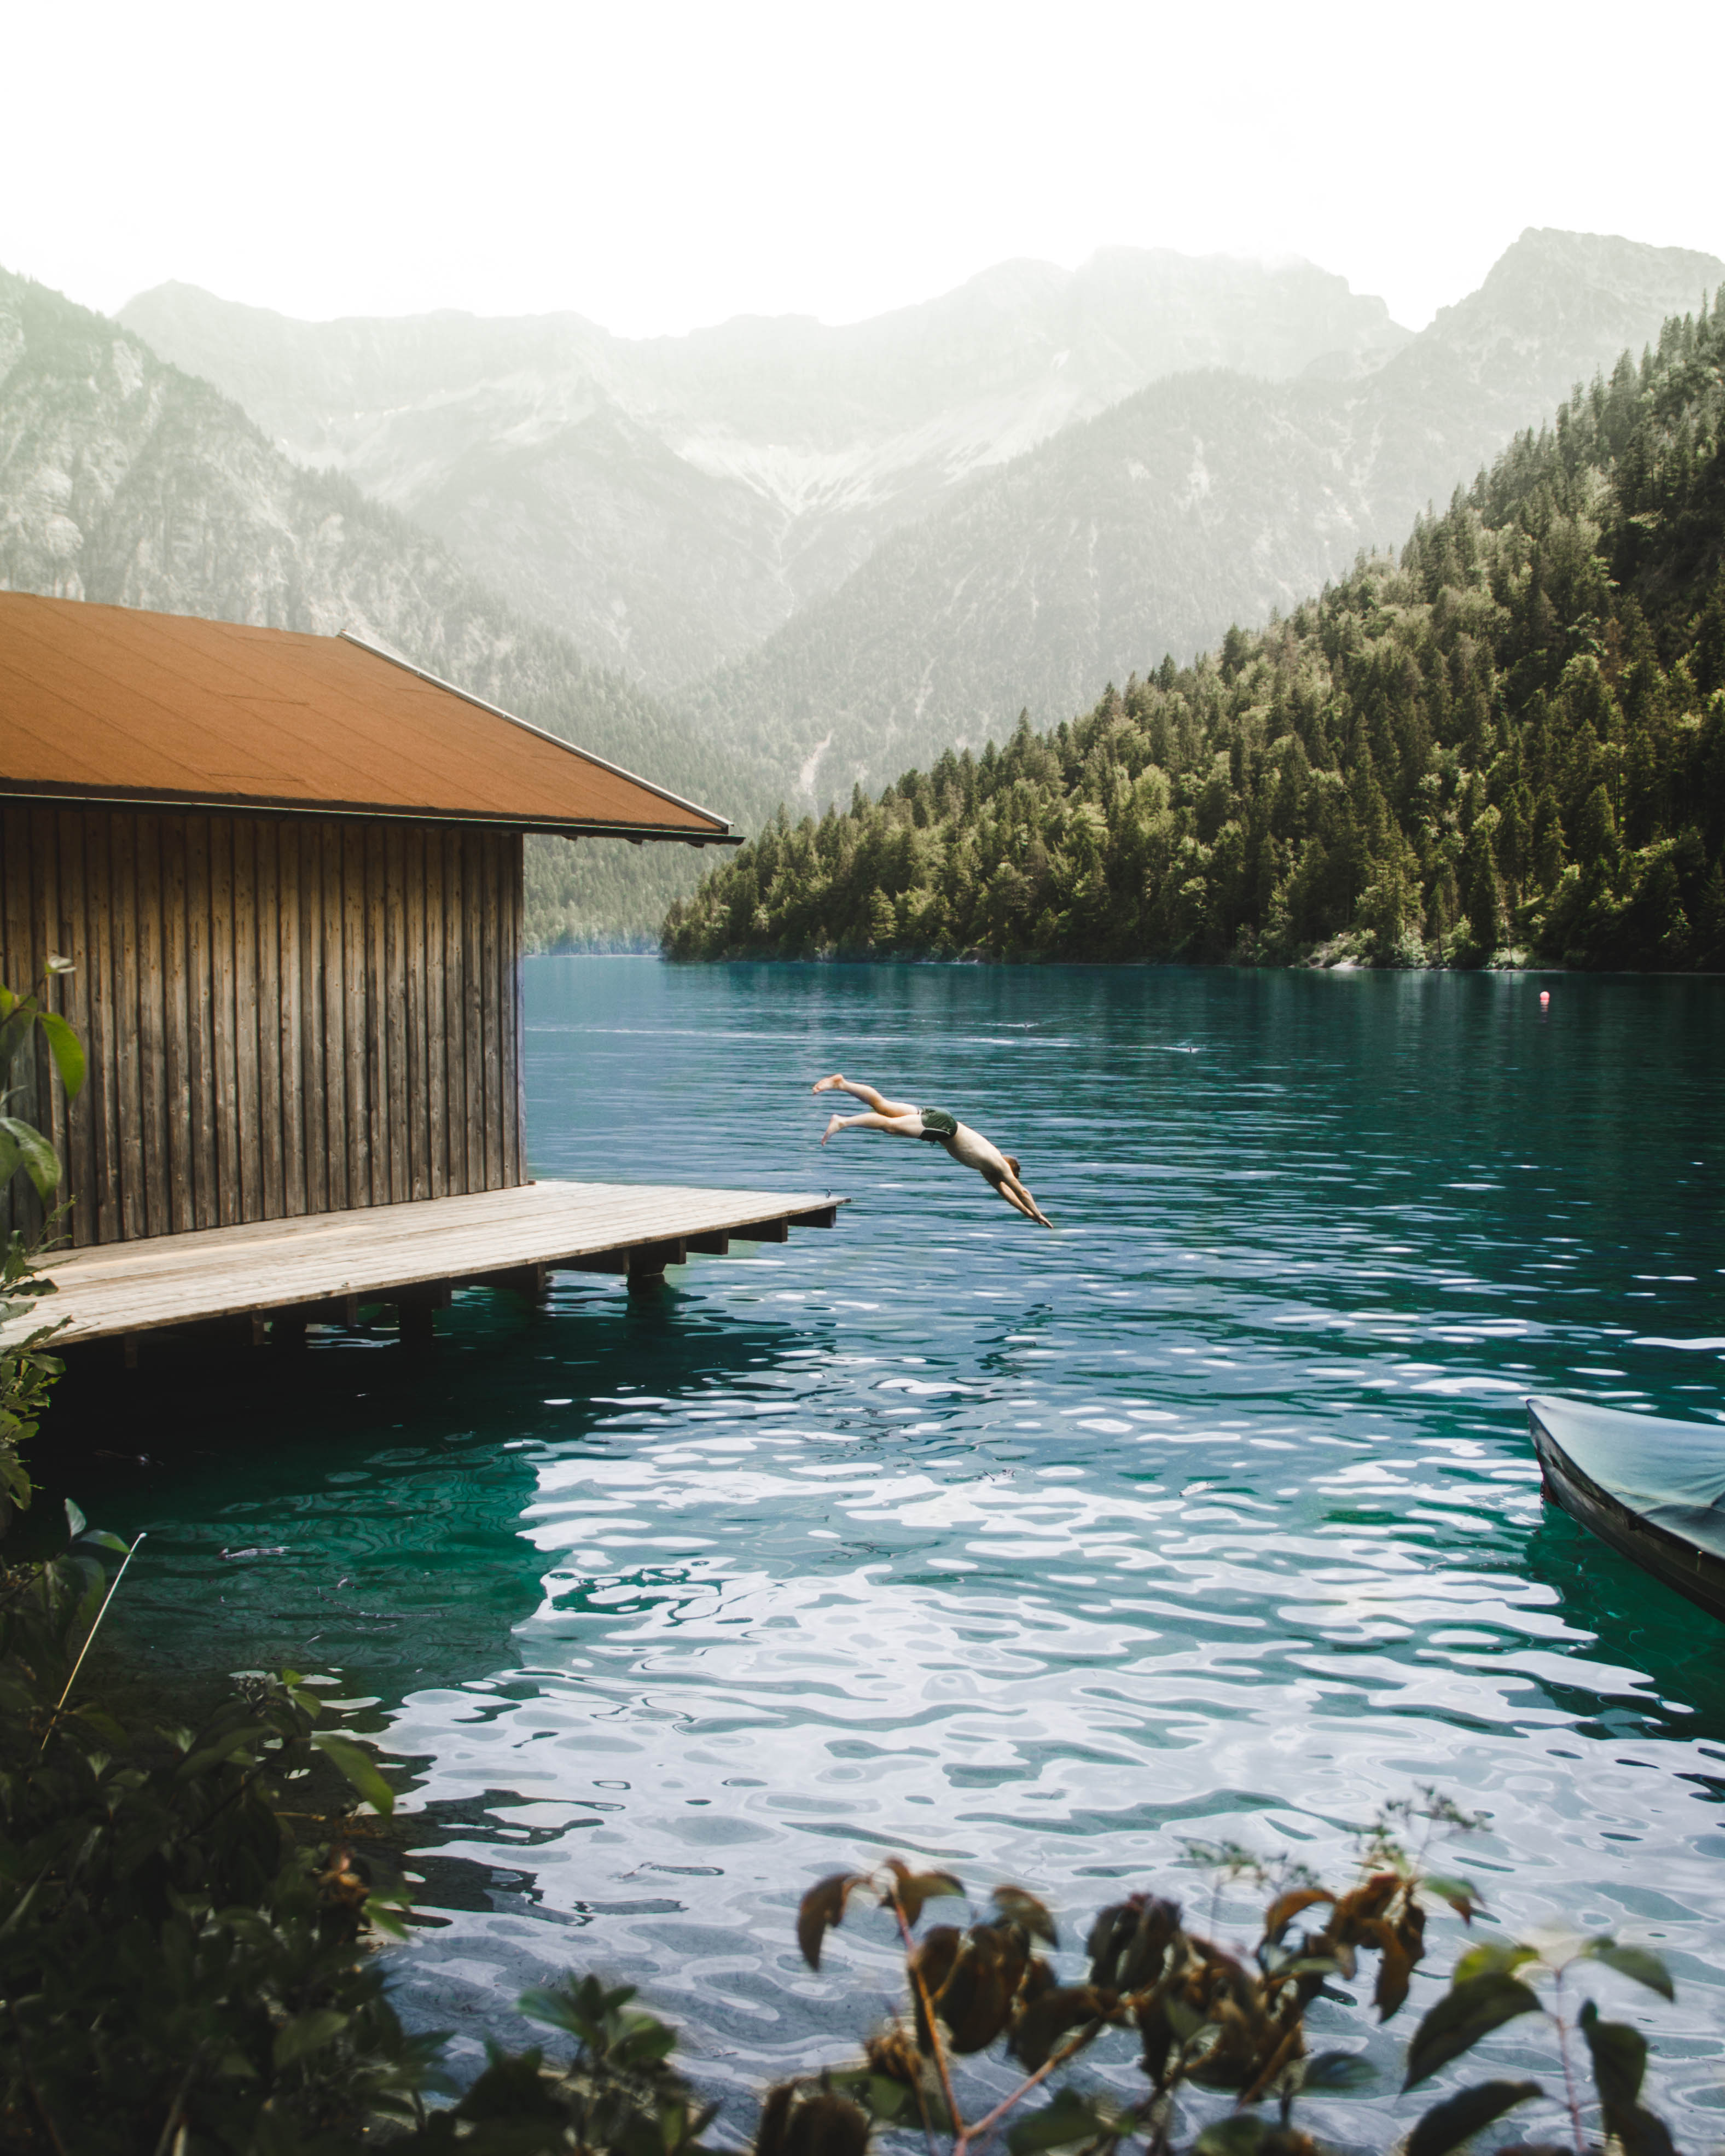 Wat is er te zien en doen bij Plansee, Tirol?